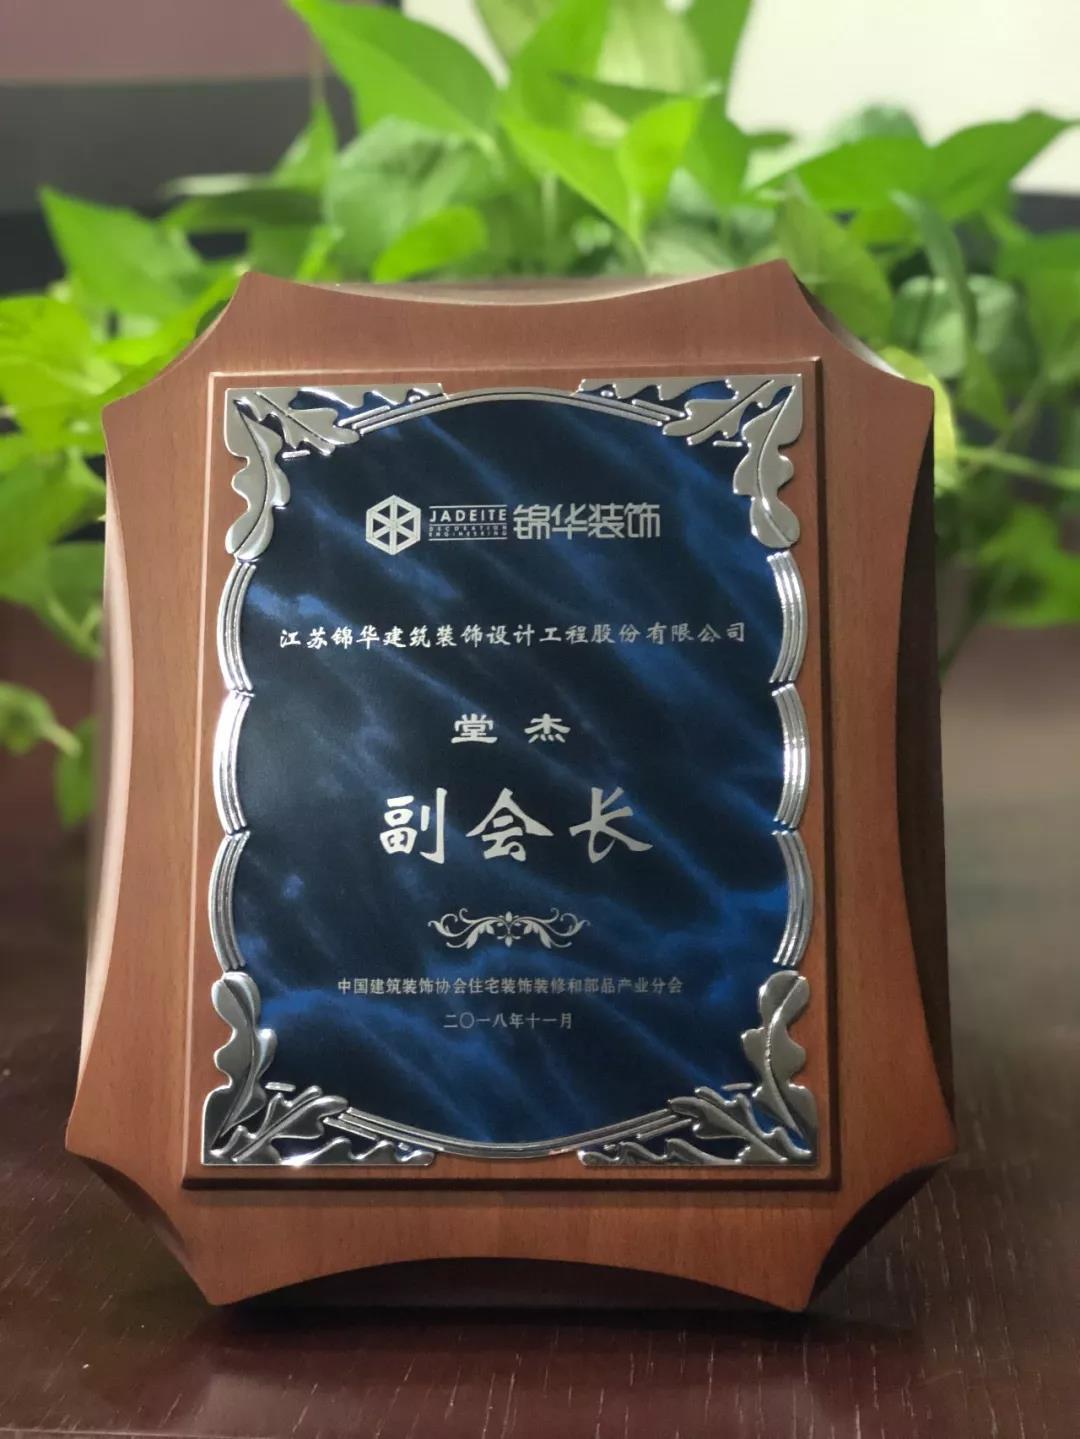 """""""中国建筑装饰协会住宅装饰装修和部品产业分会副会长"""" 荣誉称号"""